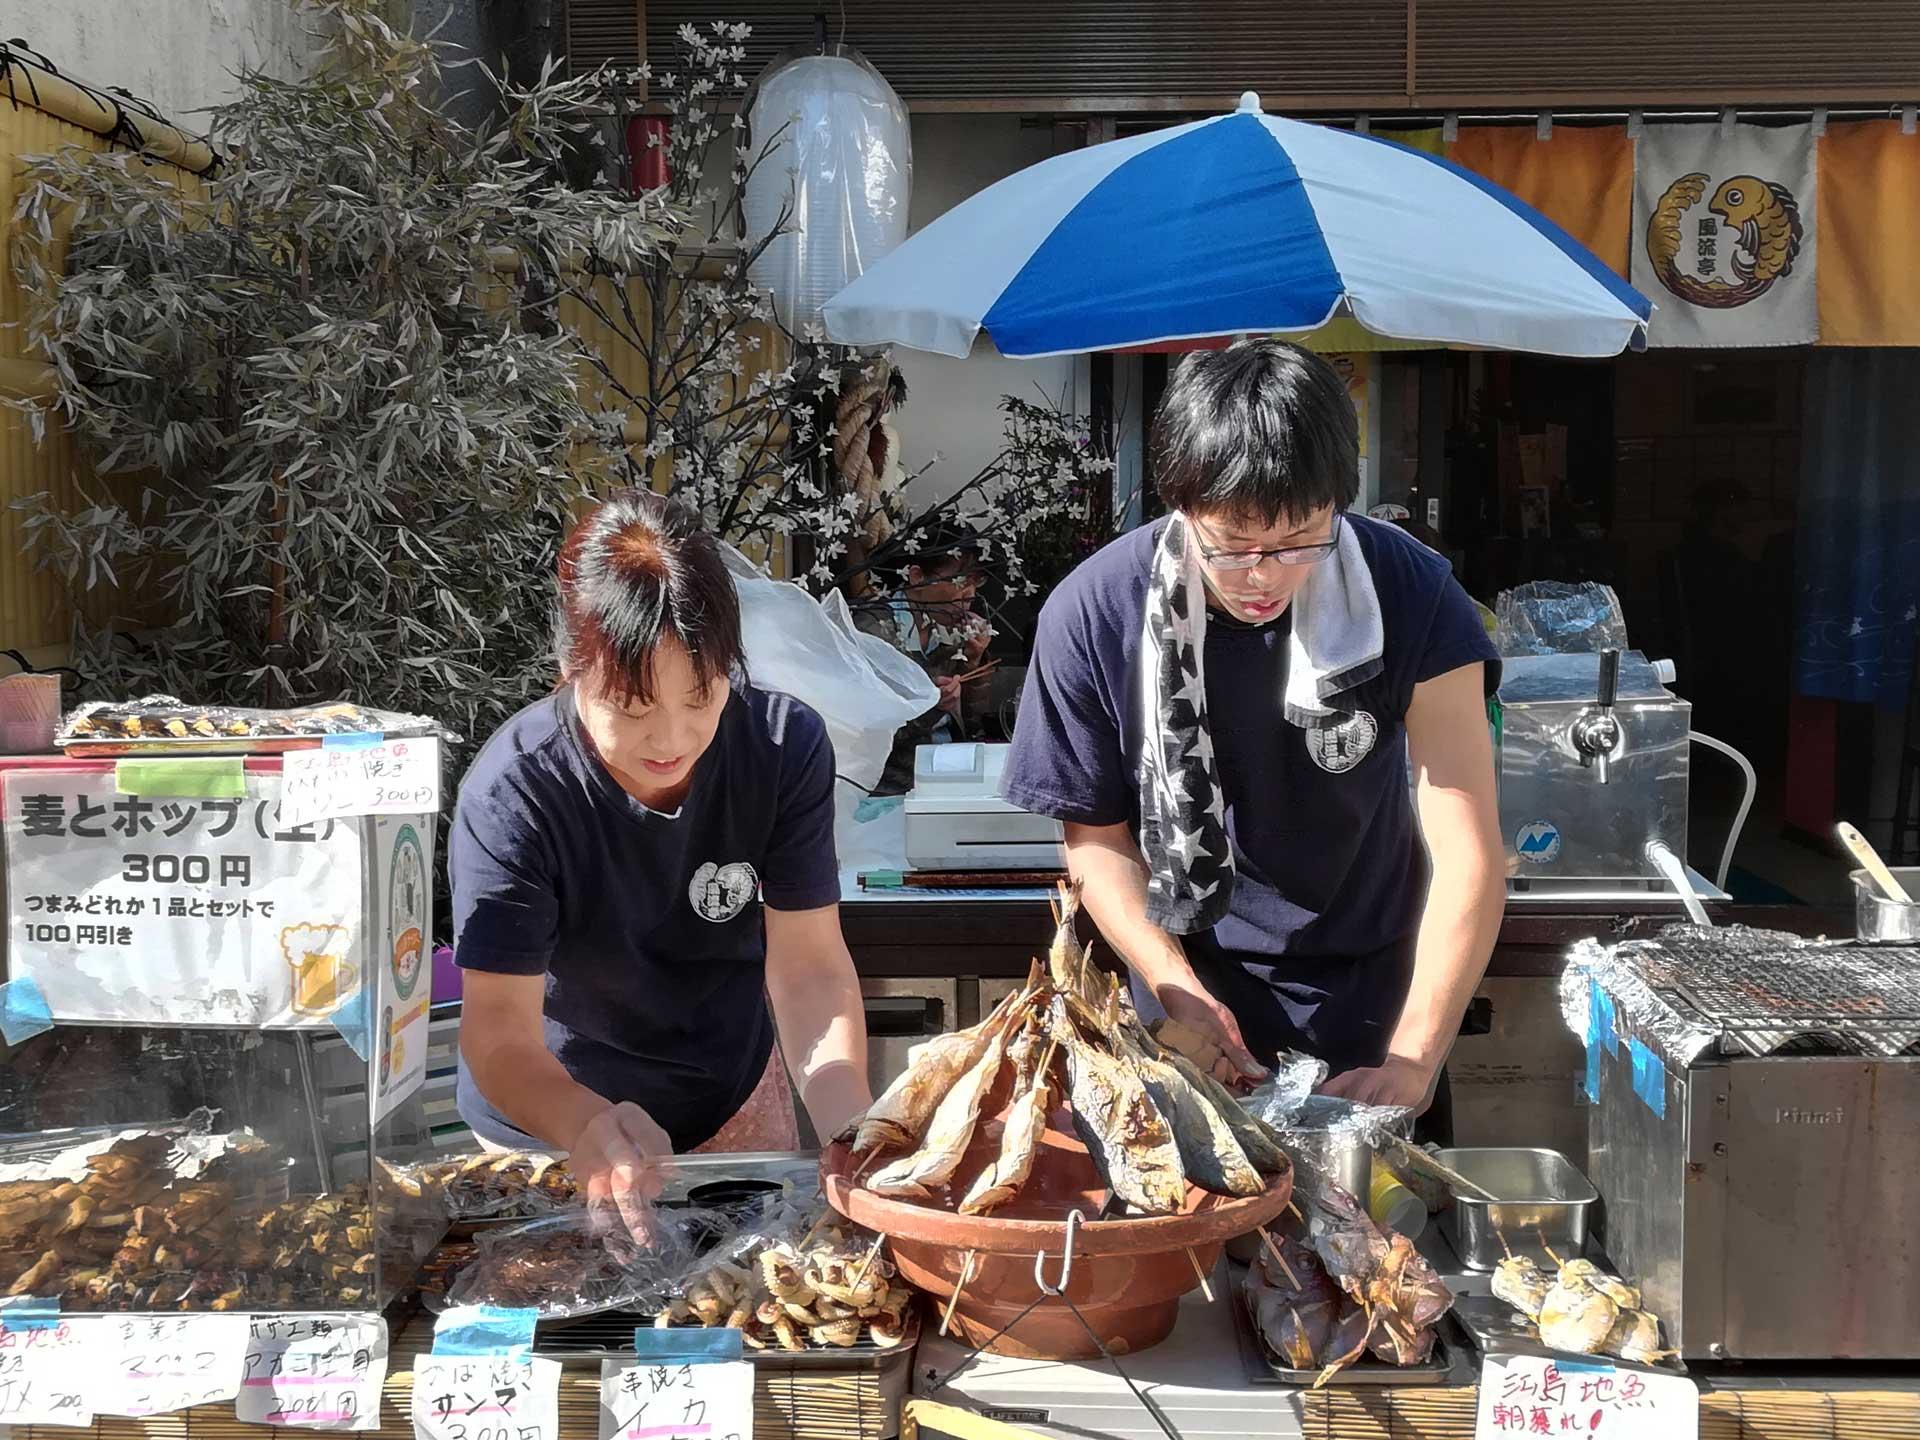 Enoshima fish